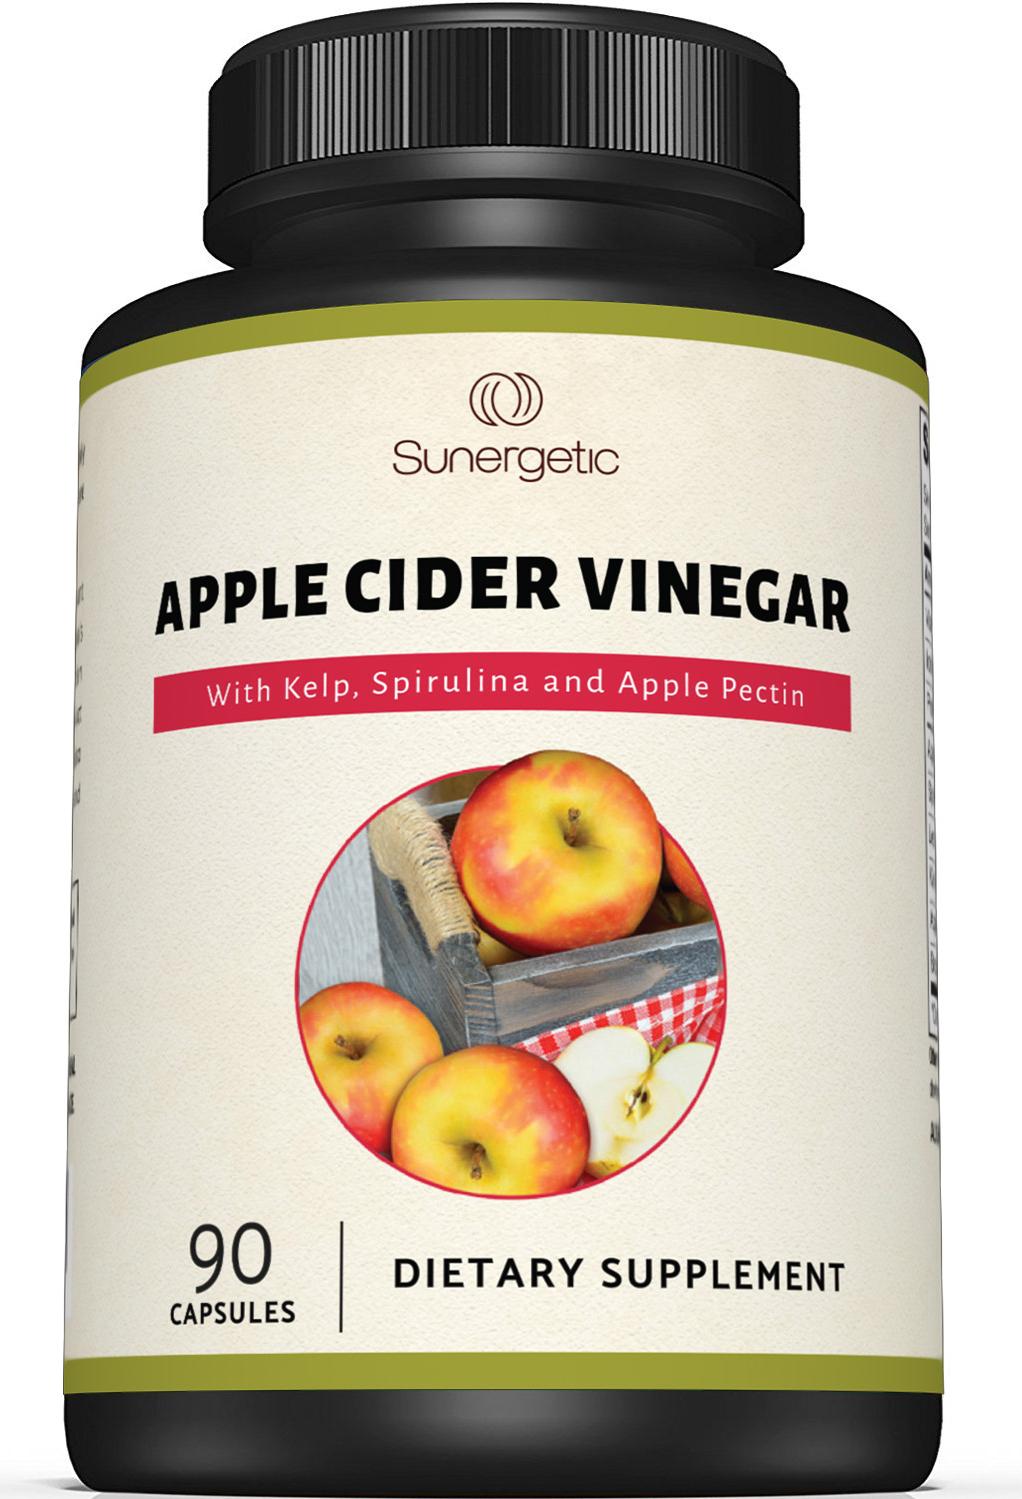 Sunergetic Premium Apple Cider Vinegar Capsules